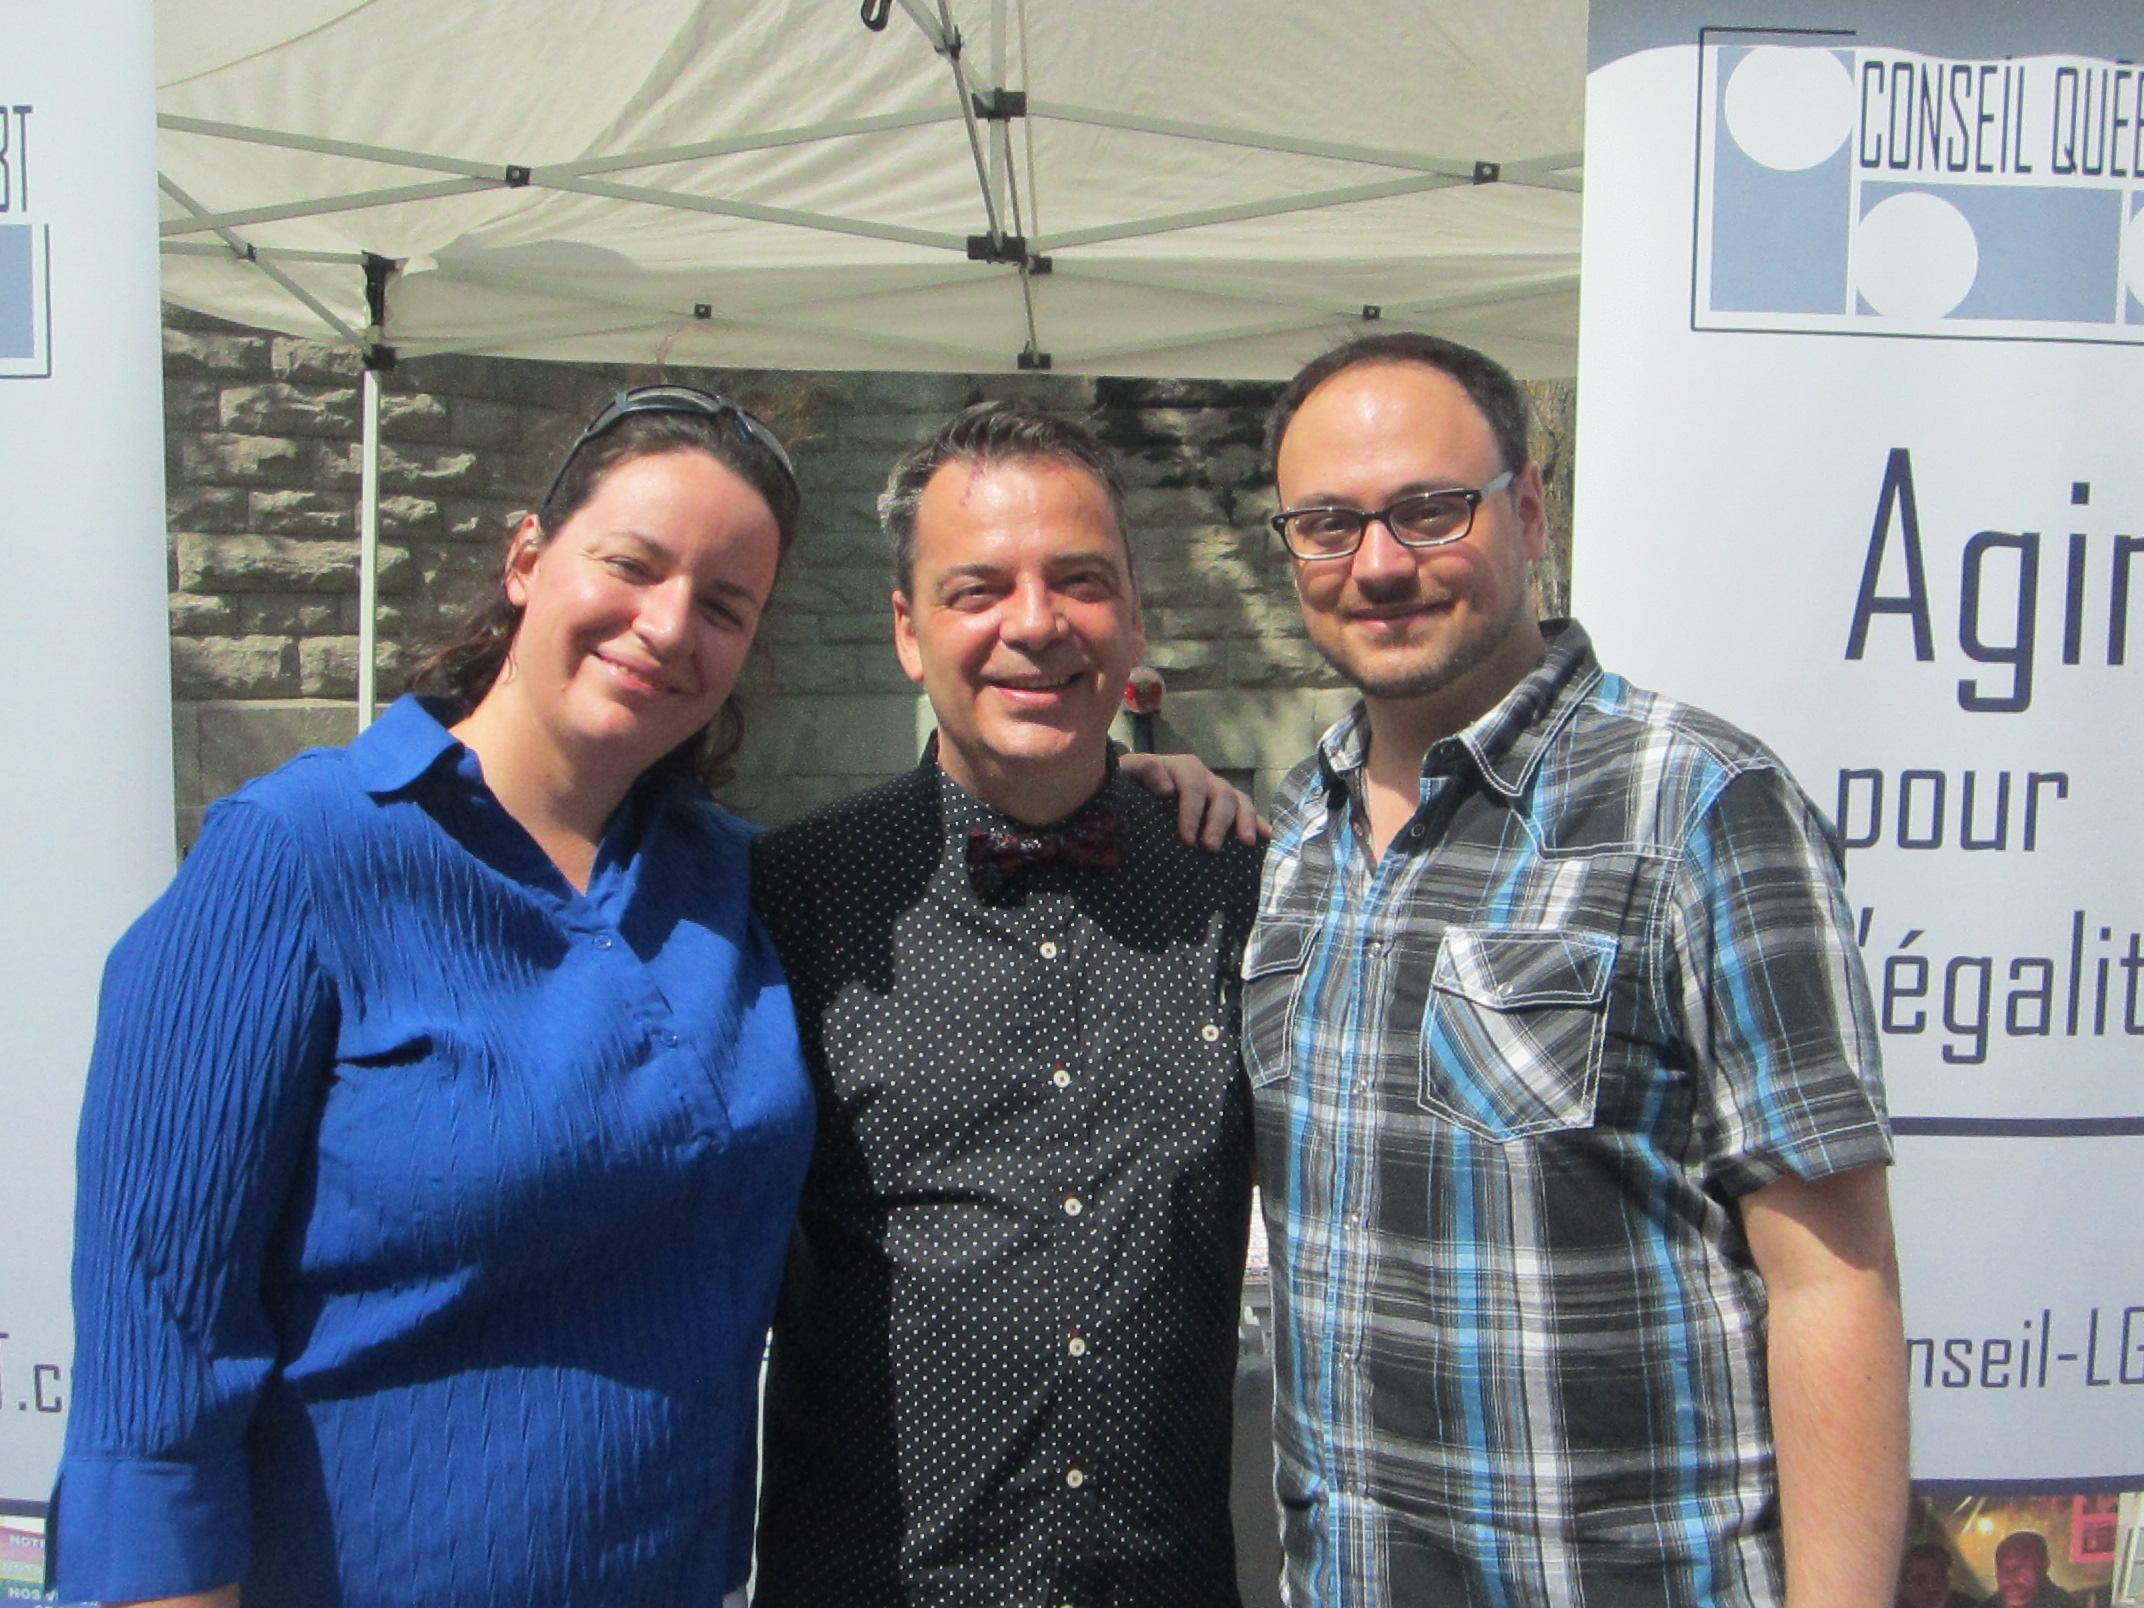 conseil québécois LGBT, avec au centre leur directeur général Steve Foster